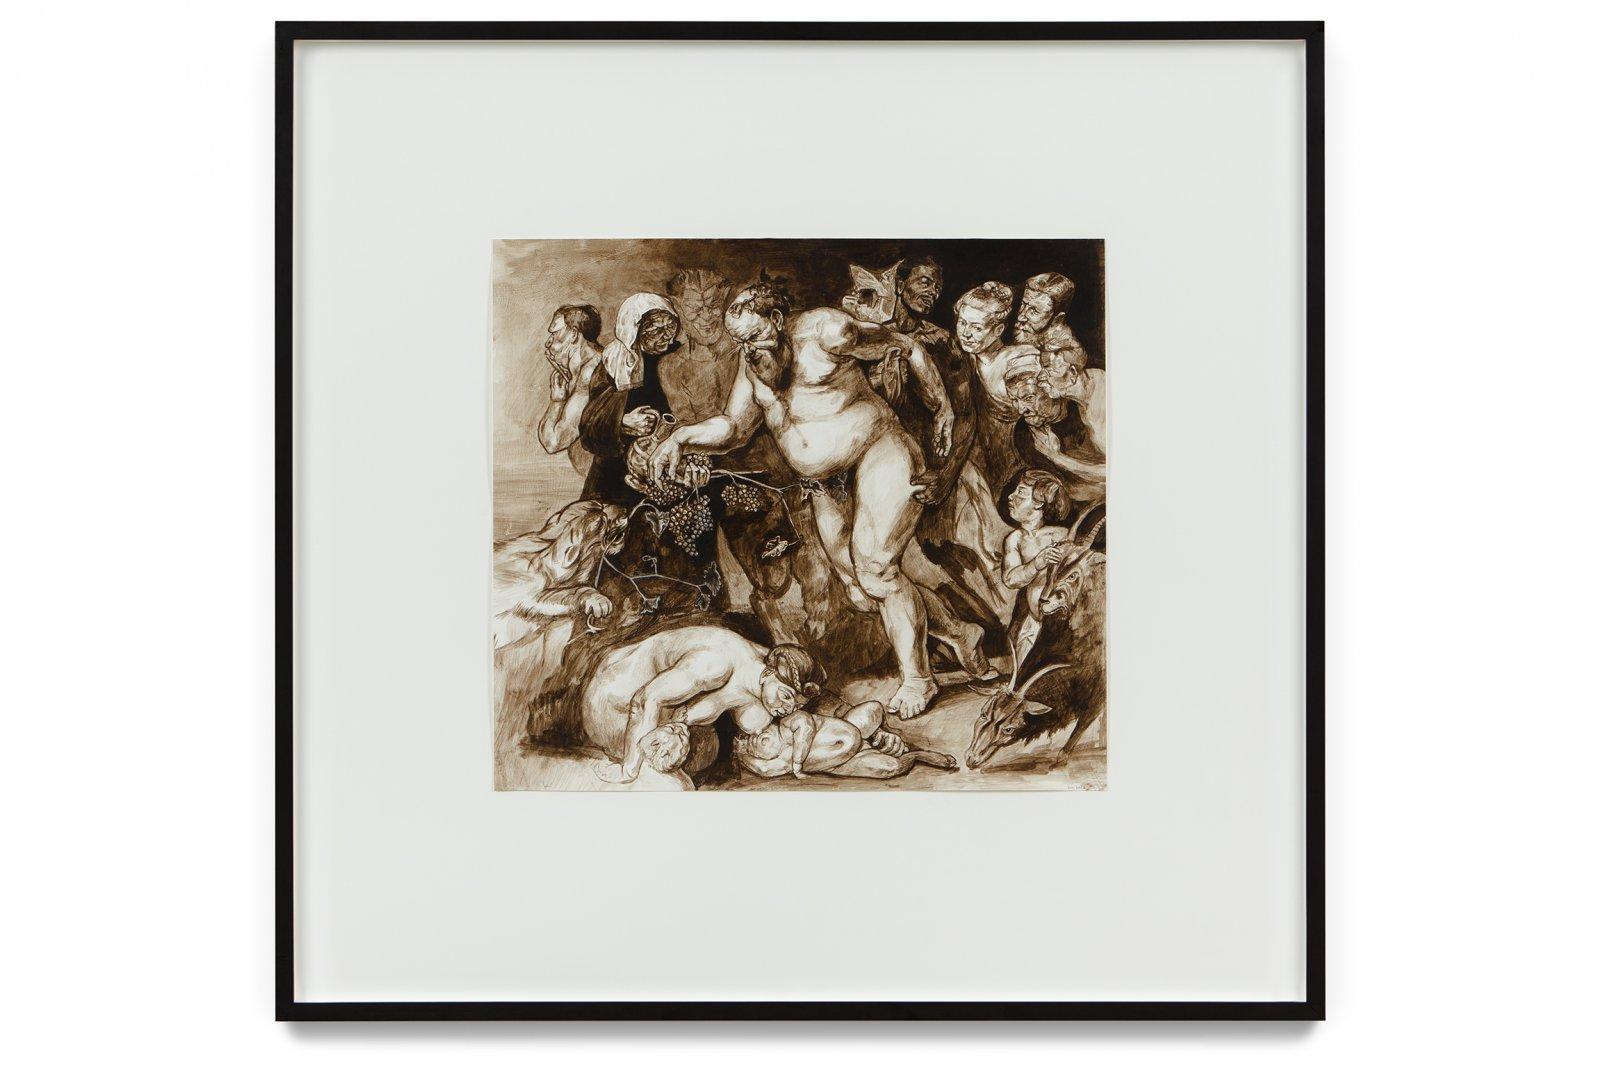 Damian Moppett, Drunken Silenius (After Rubens), 2002, oil on paper, 34 x 35 in. (85 x 89 cm) by Damian Moppett